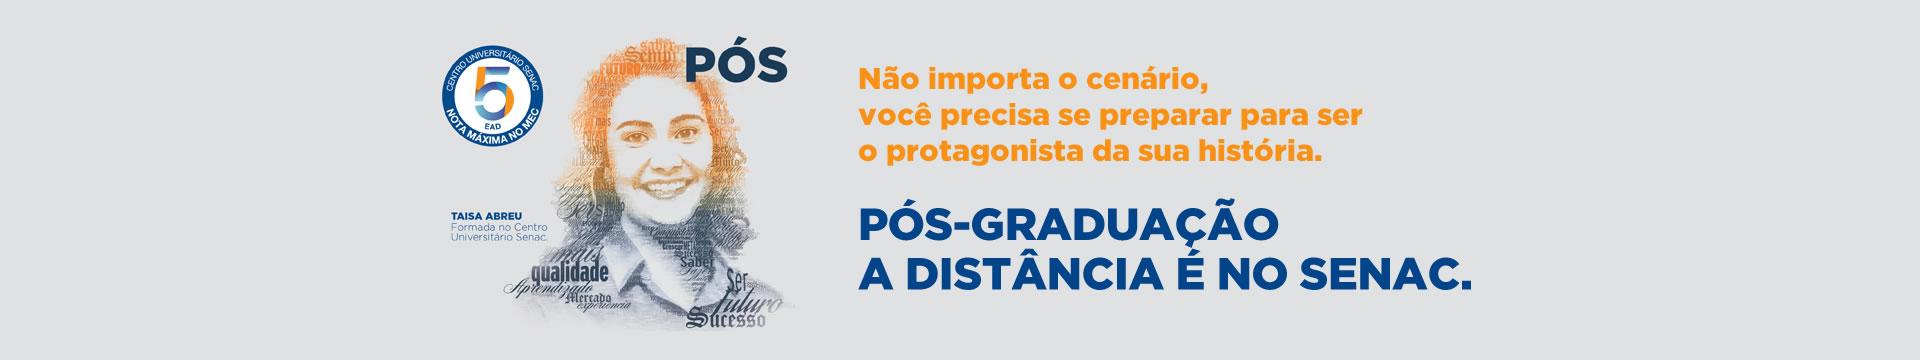 Cursos de pós-graduação a distância Senac